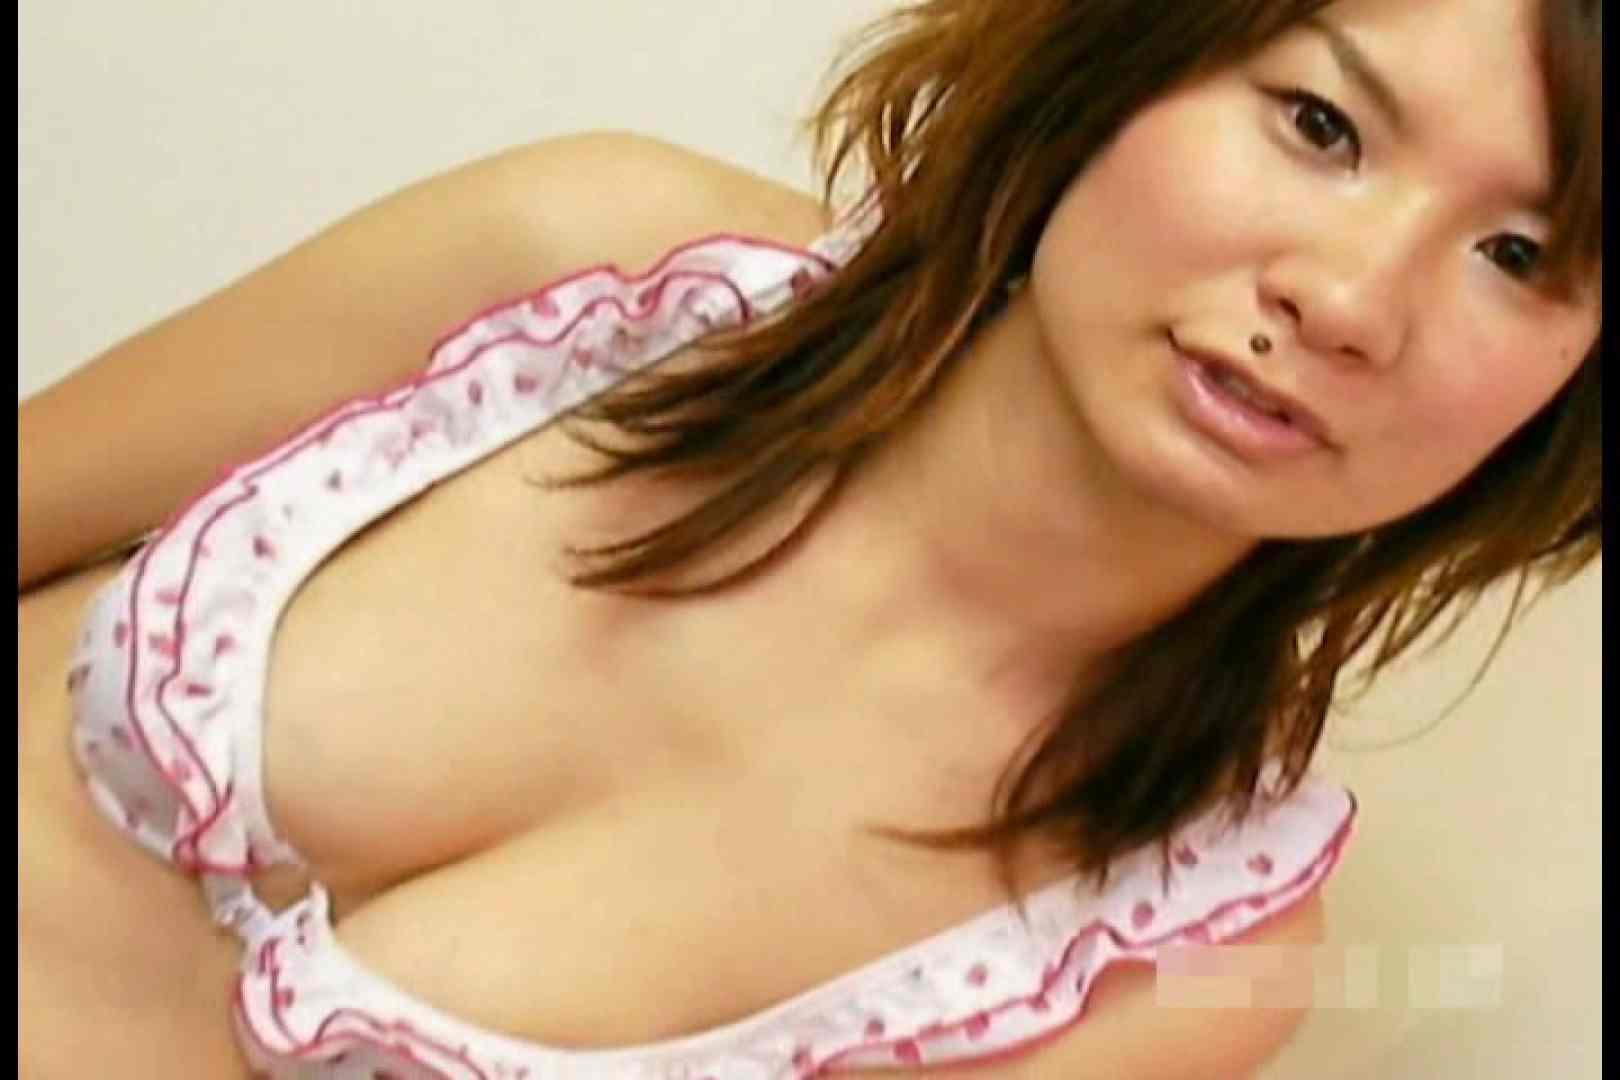 素人撮影 下着だけの撮影のはずが・・・まり25歳 おっぱい エロ画像 67連発 33